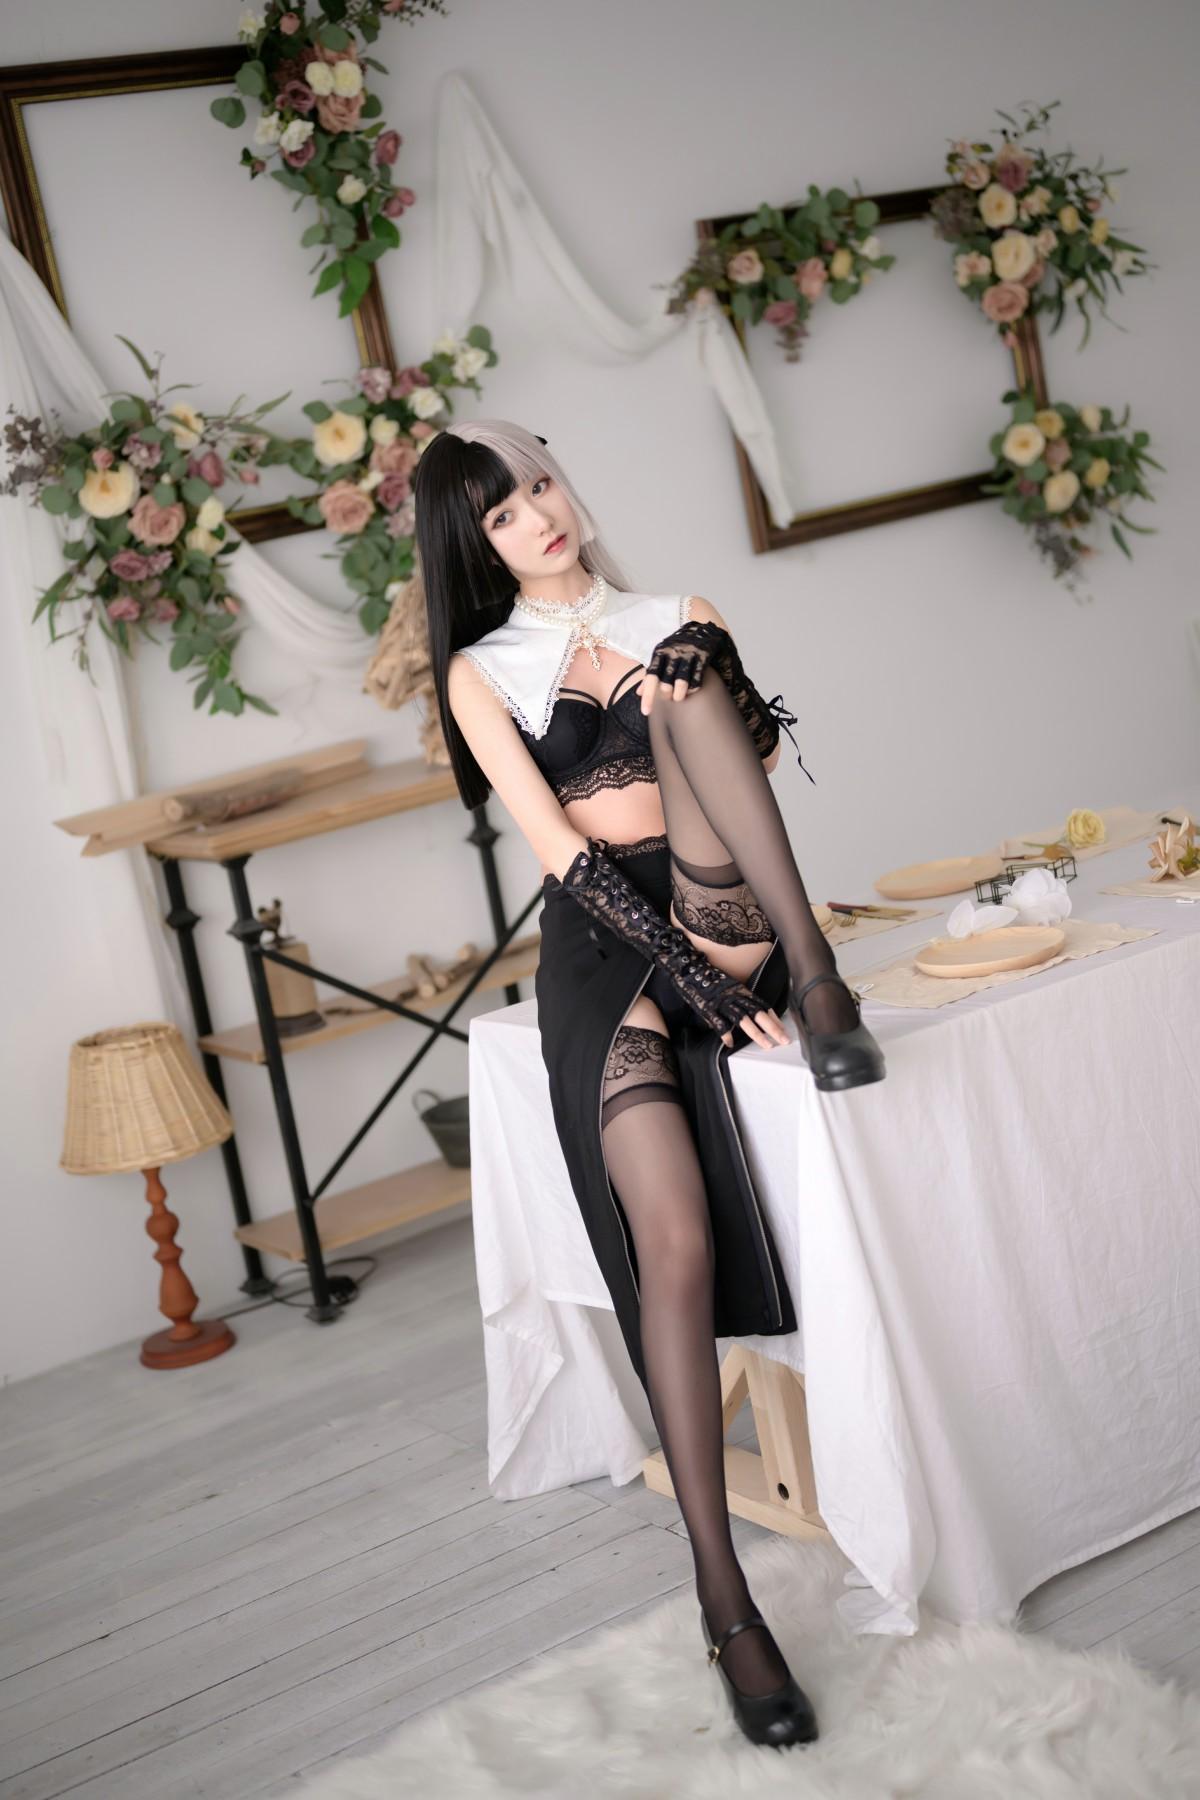 萌系小姐姐木绵绵OwO 黑白修女[40P] 其他套图 第3张